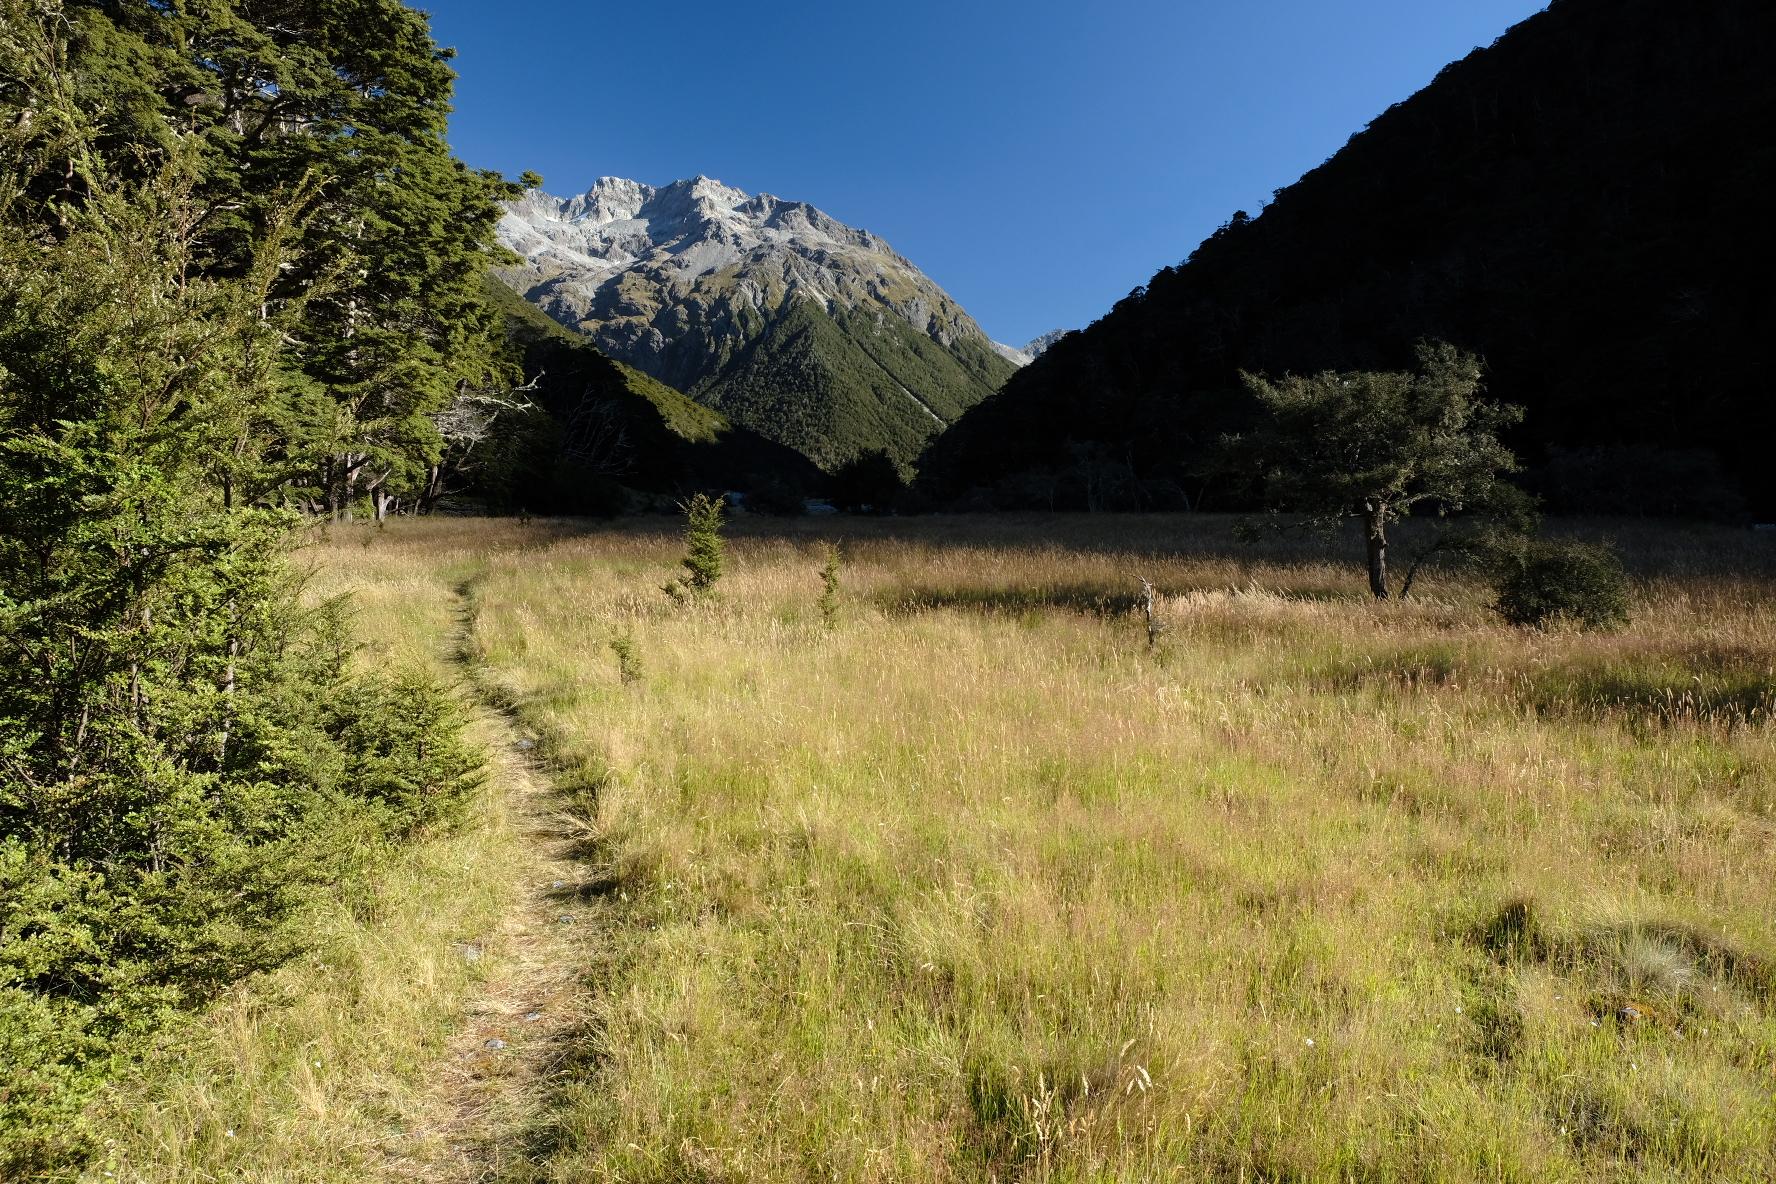 A grassy valley